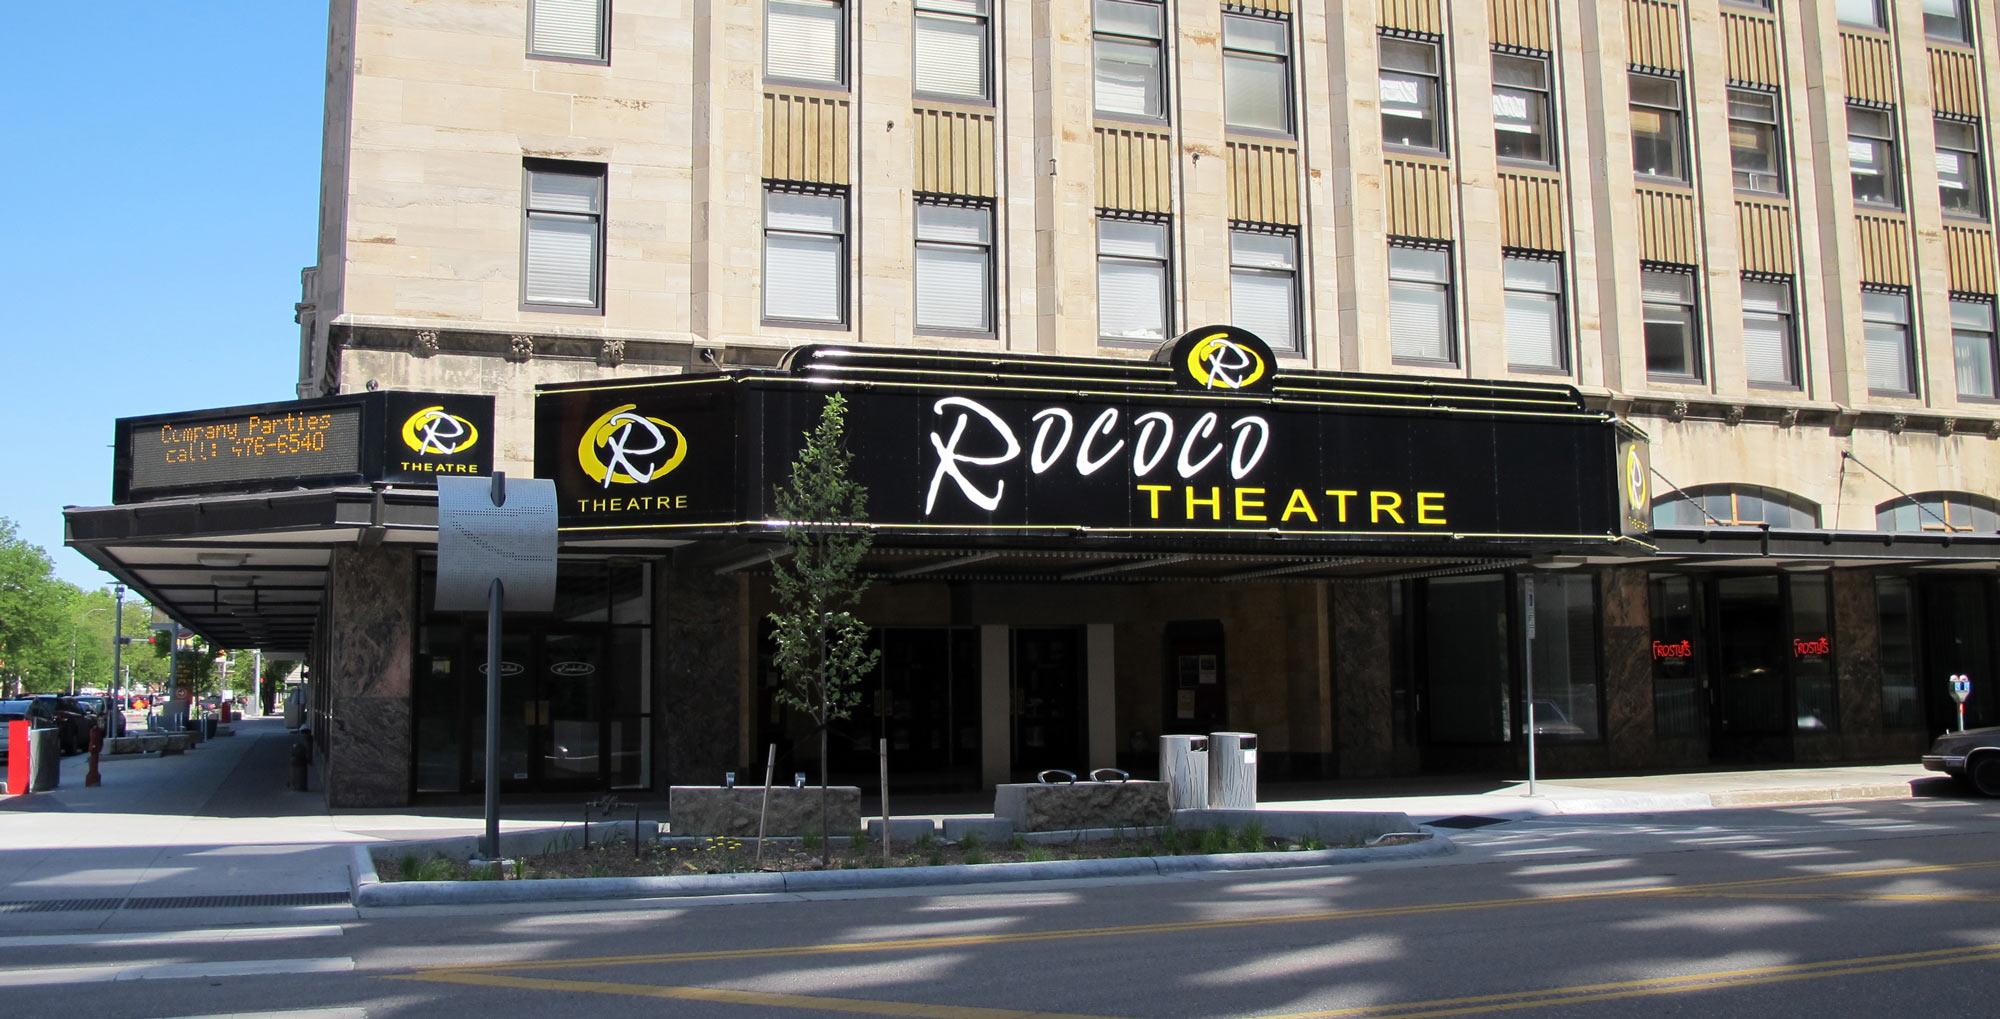 Rococo_Theatre